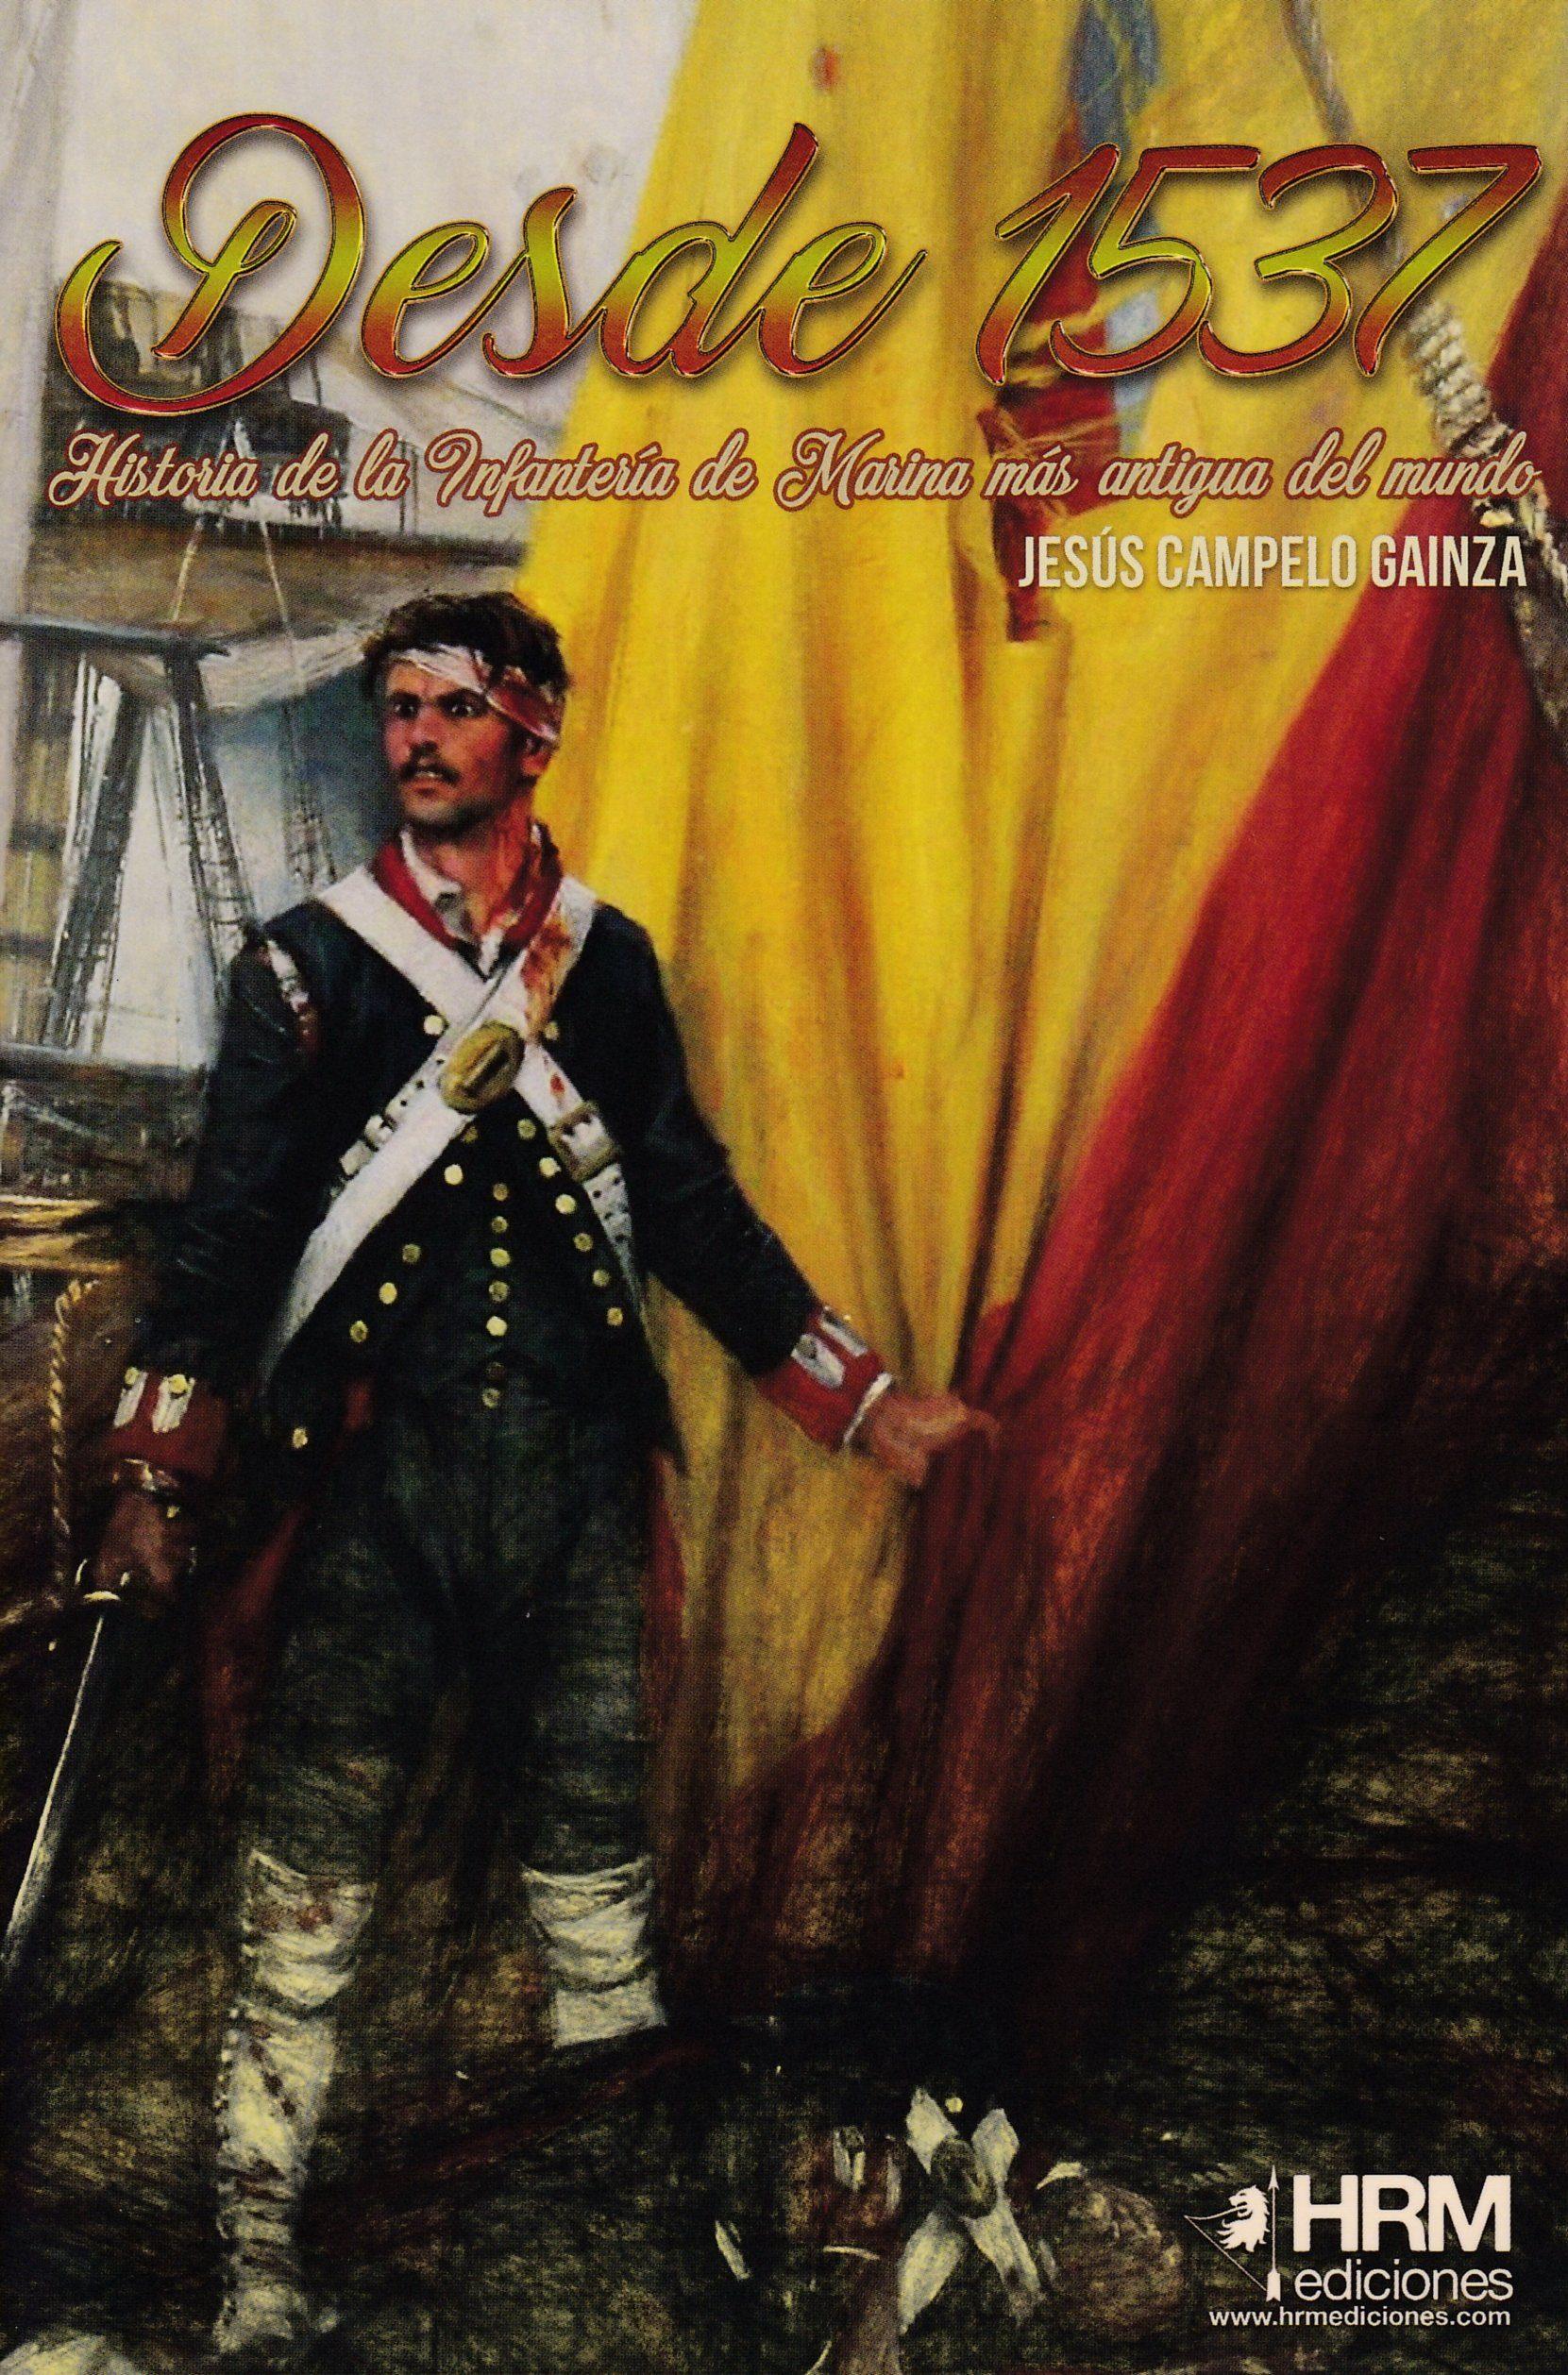 DESDE 1537: HISTORIA DE LA INFANTERÍA DE MARINA MÁS ANTIGUA DEL MUNDO - Jesús Campelo Gainza